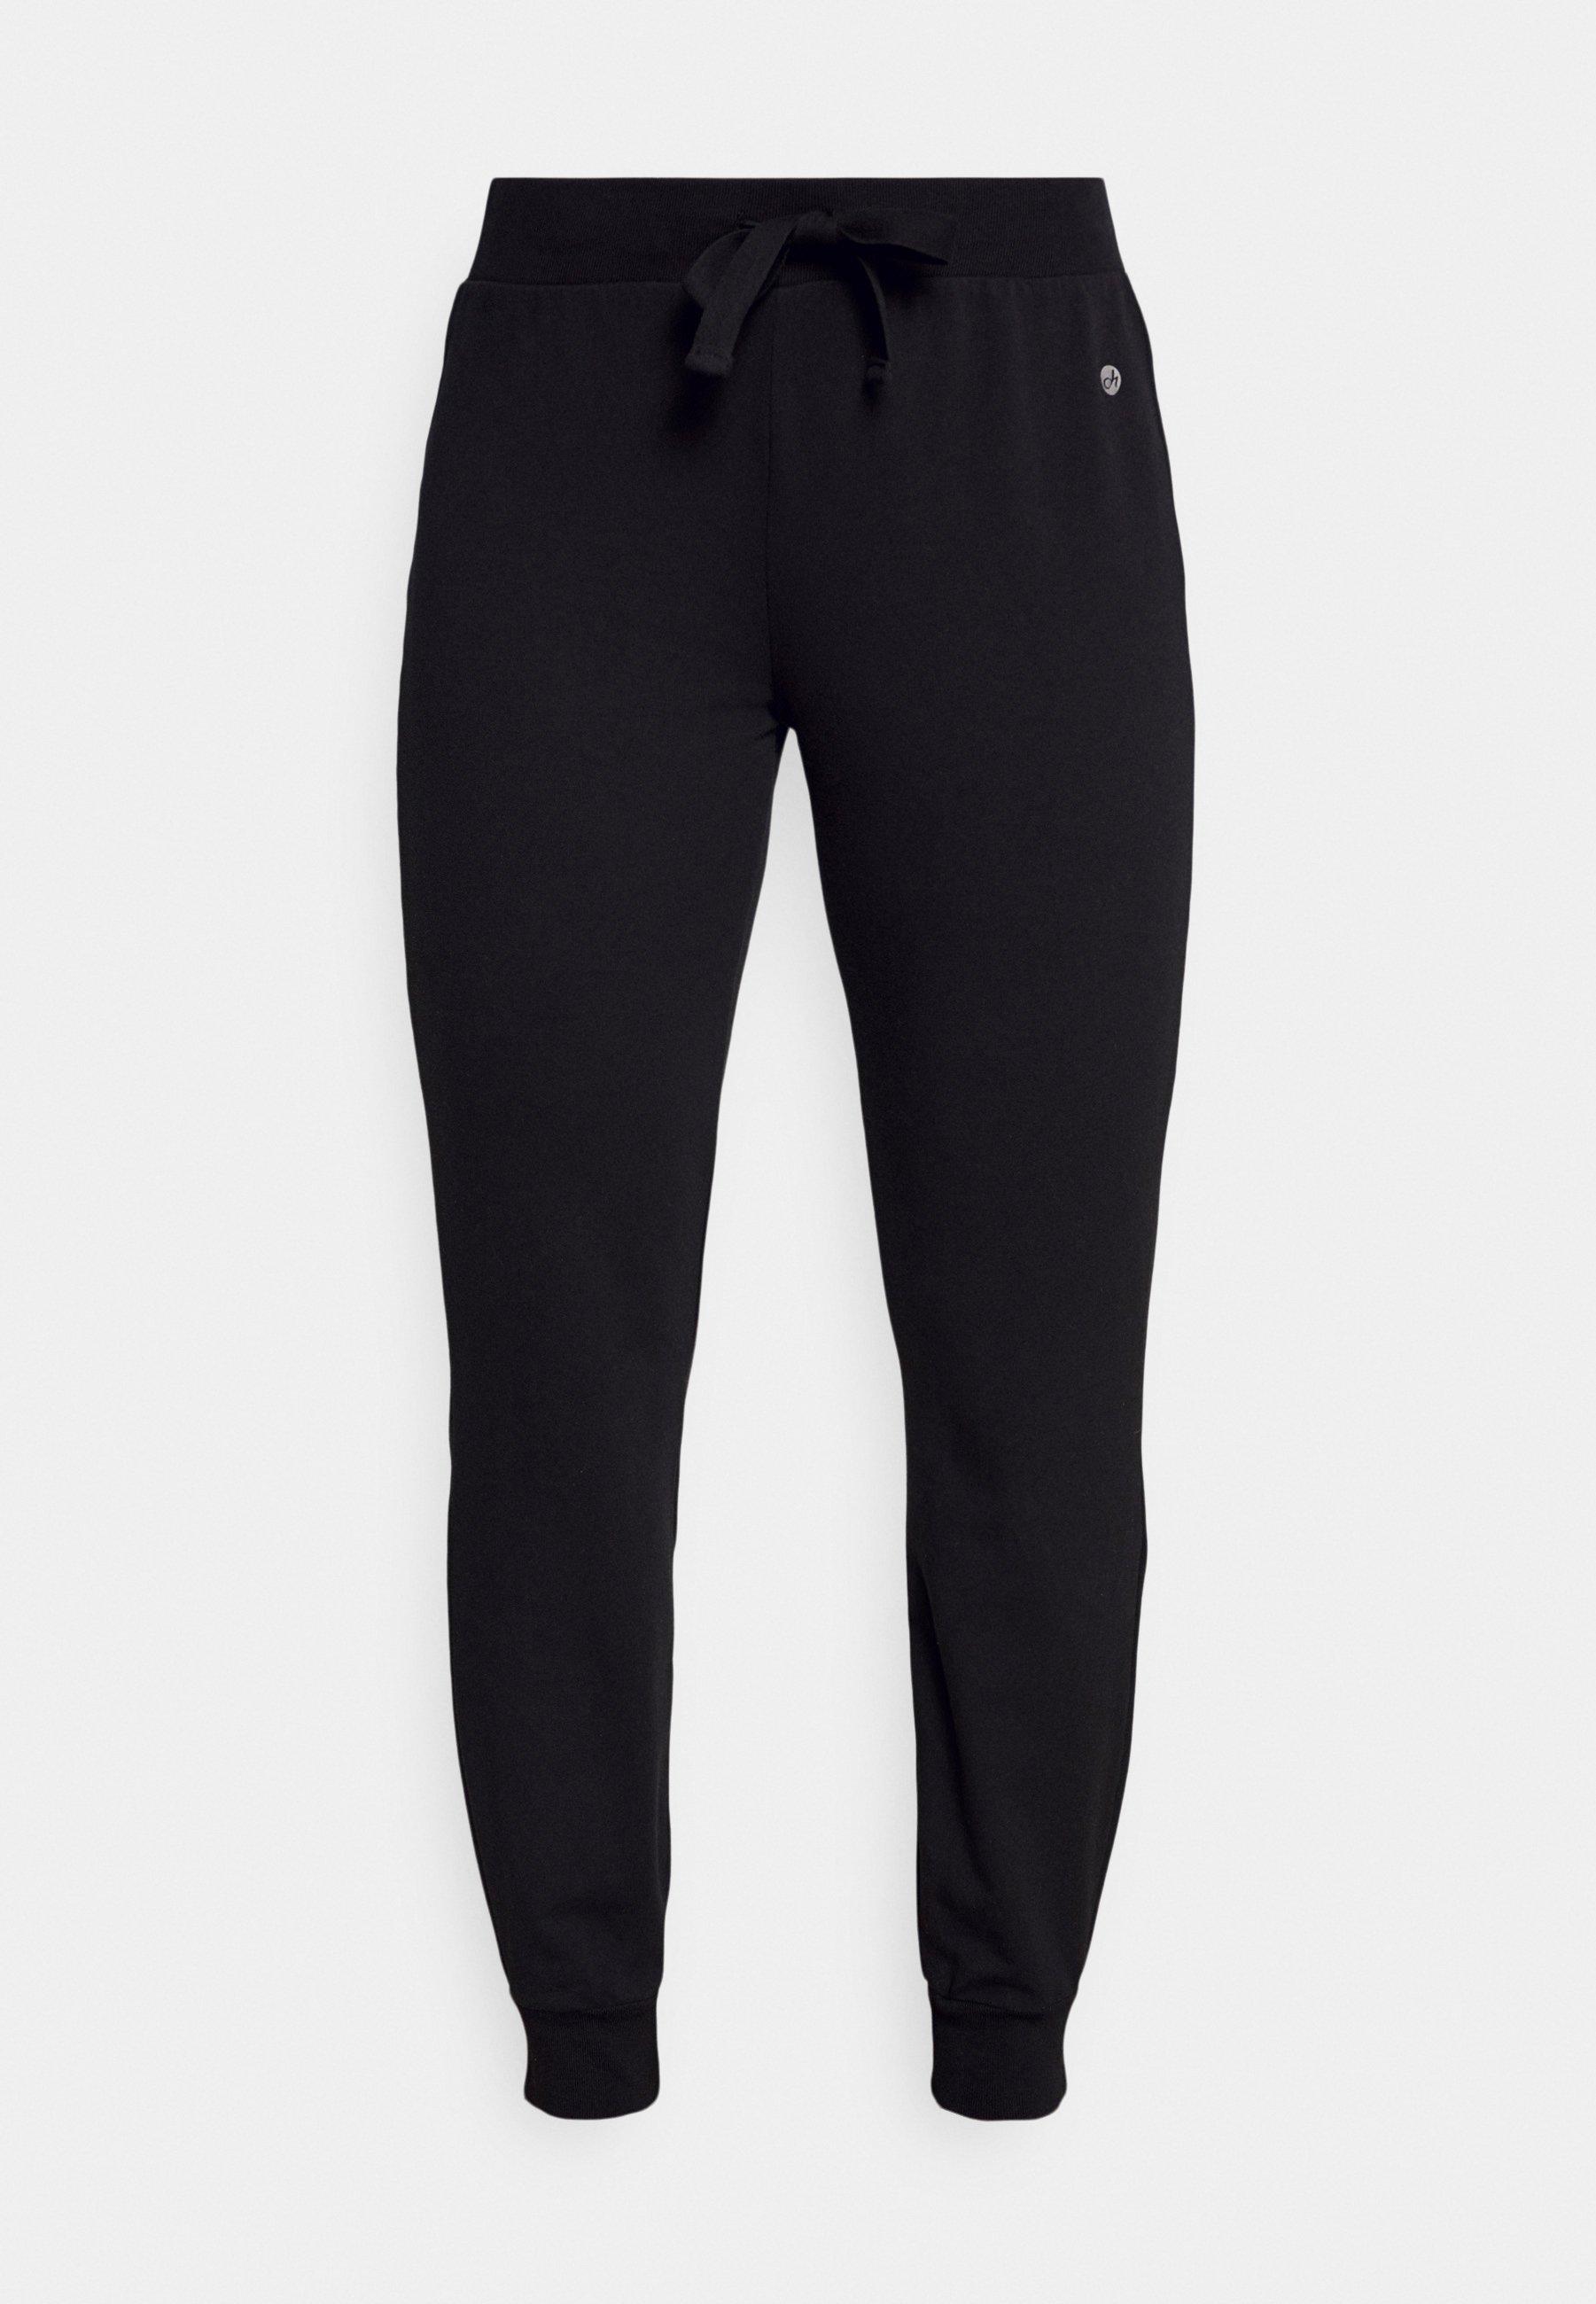 Femme JOGGER PANTS - Pantalon de survêtement